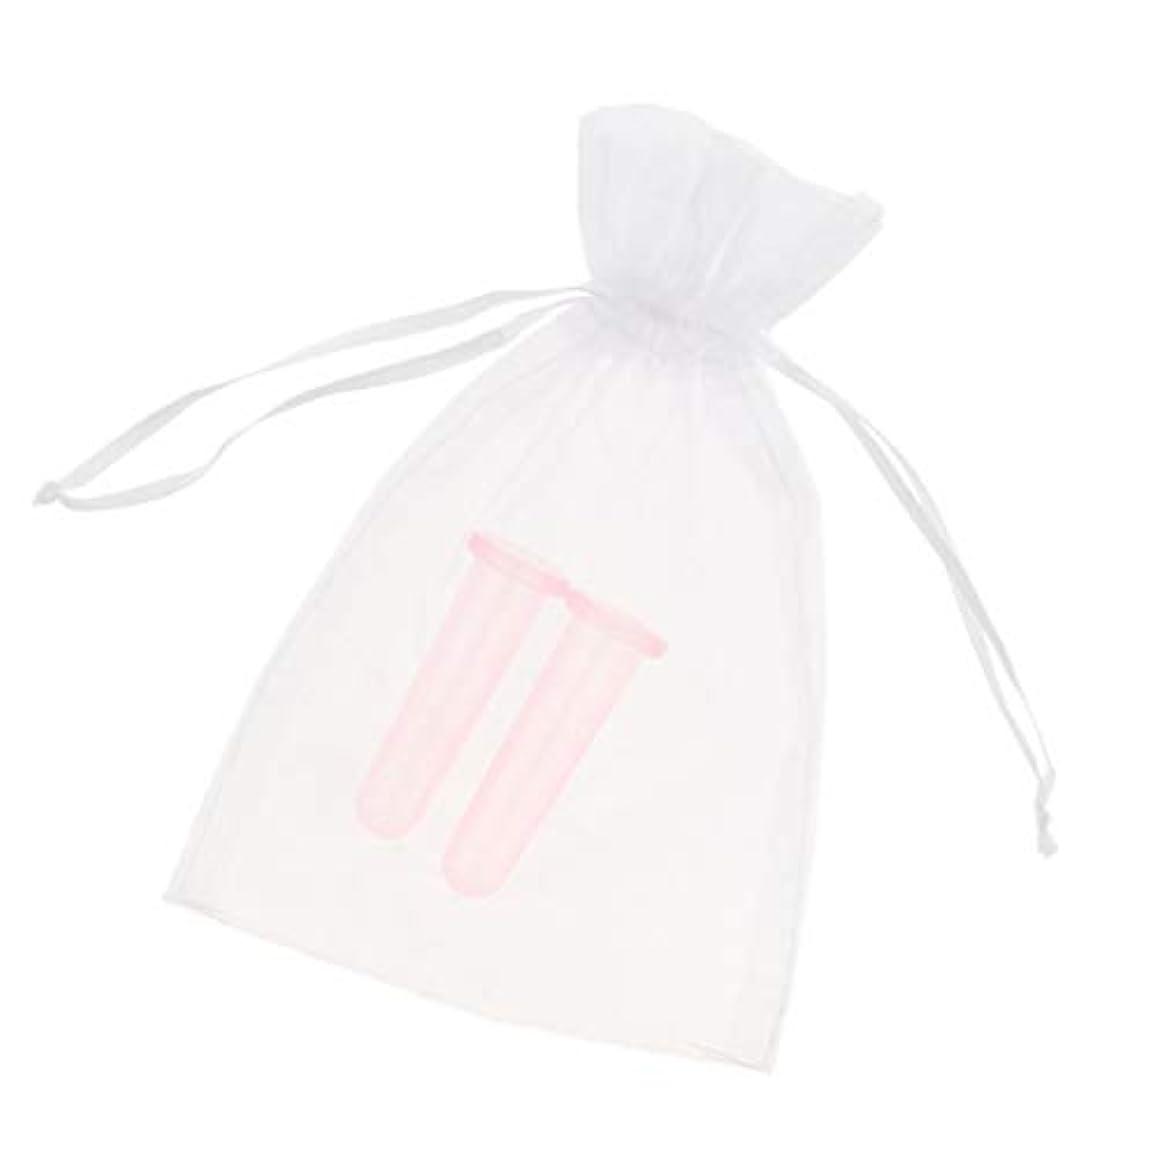 F Fityle 全2色 シリコーン製 真空 顔用マッサージ カッピング 吸い玉カップ カッピング 収納ポーチ付き 2個 - ピンク